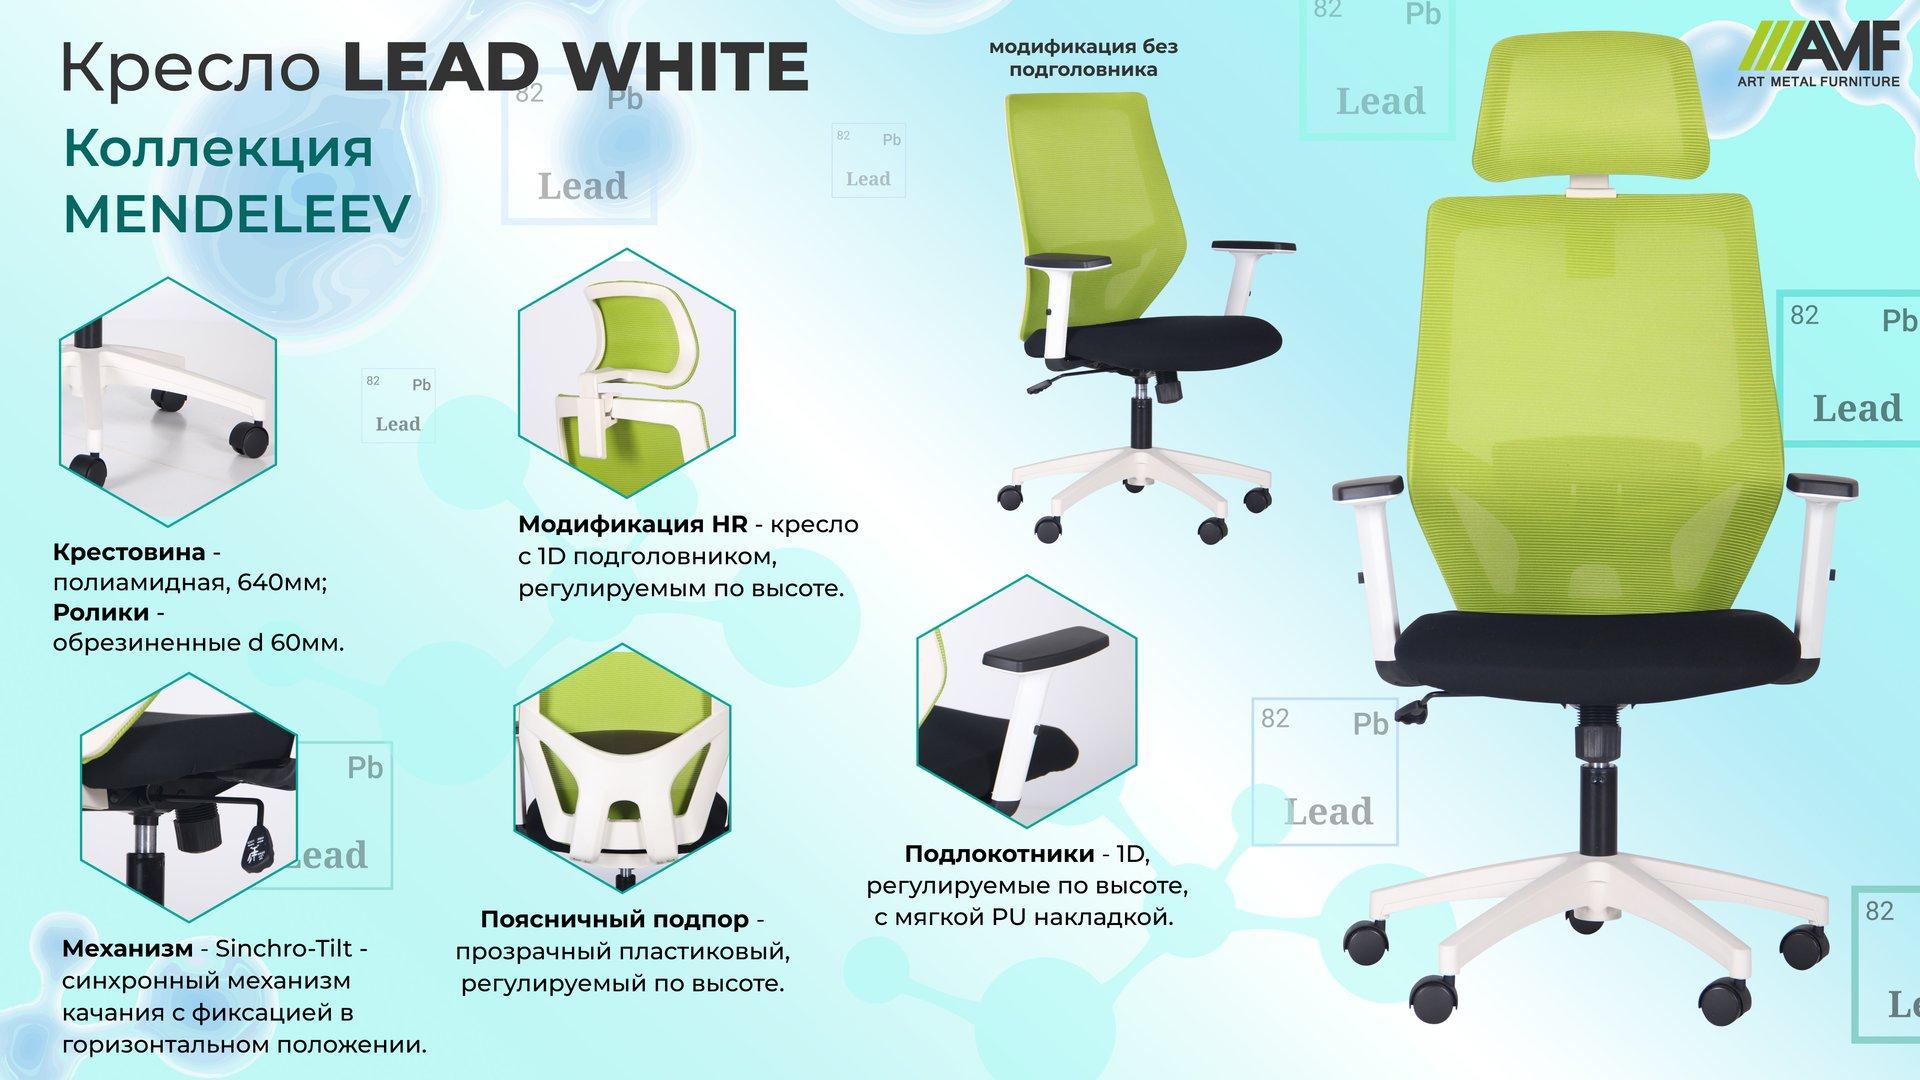 Кресло Lead White описание